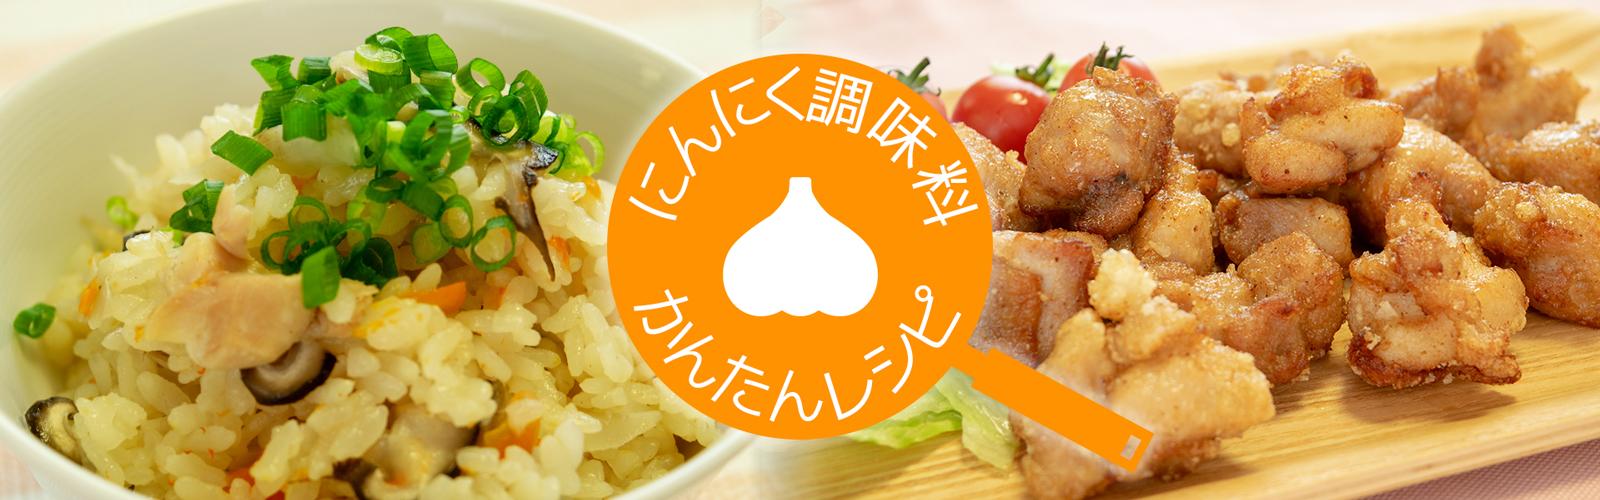 にんにく調味料レシピ